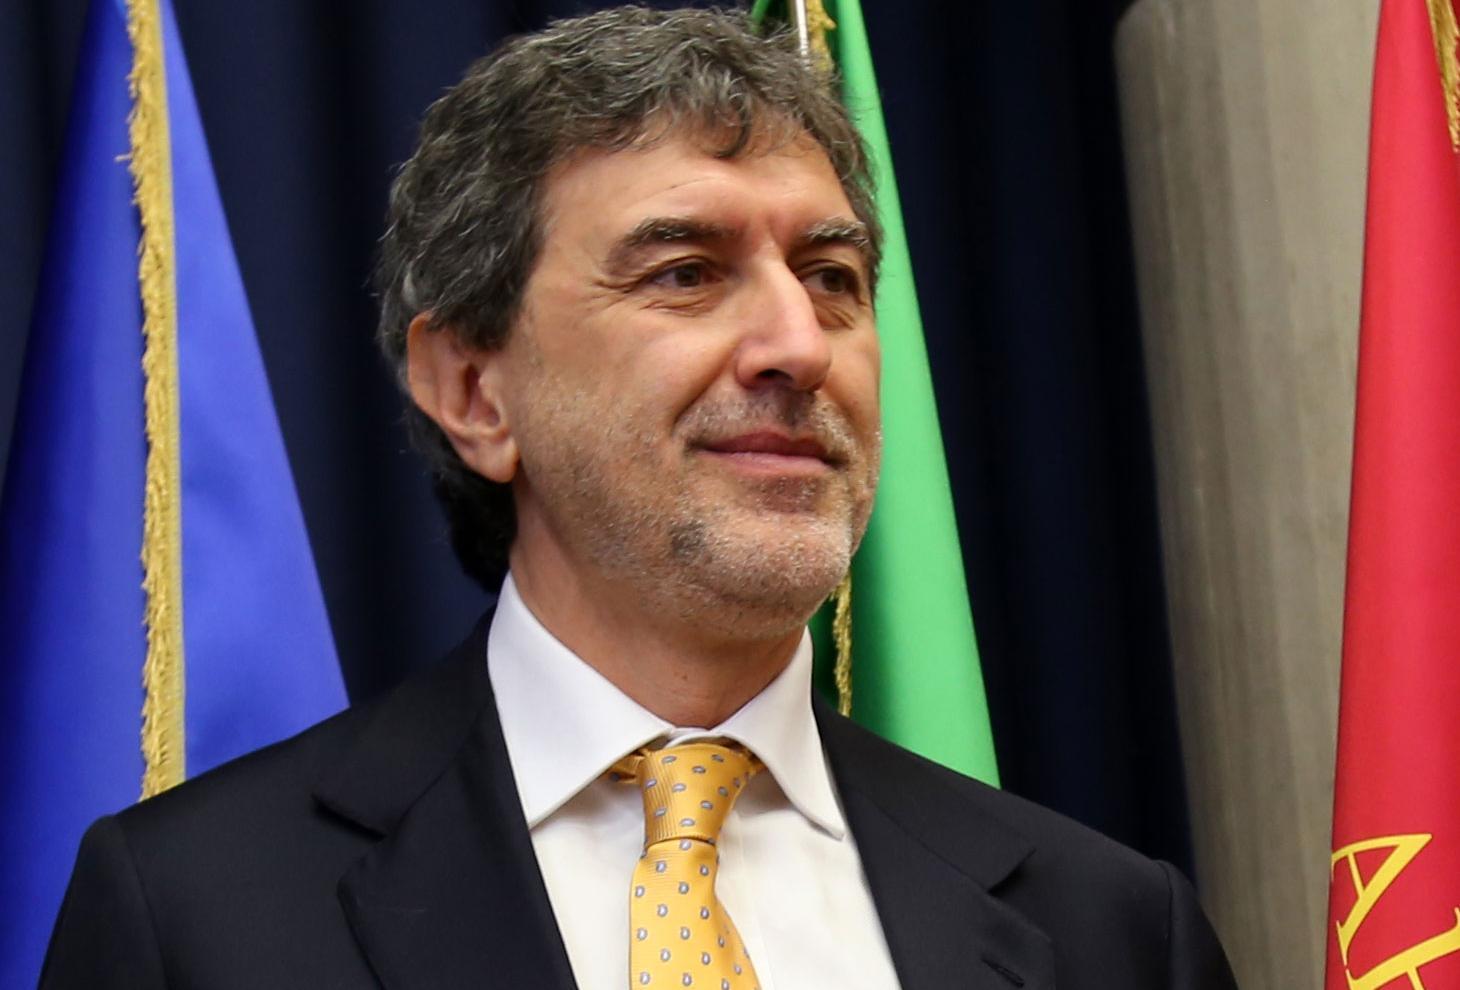 """Coronavirus: Marsilio firma ordinanza regionale per quarantena. Verì """"L'emergenza non è un film"""""""